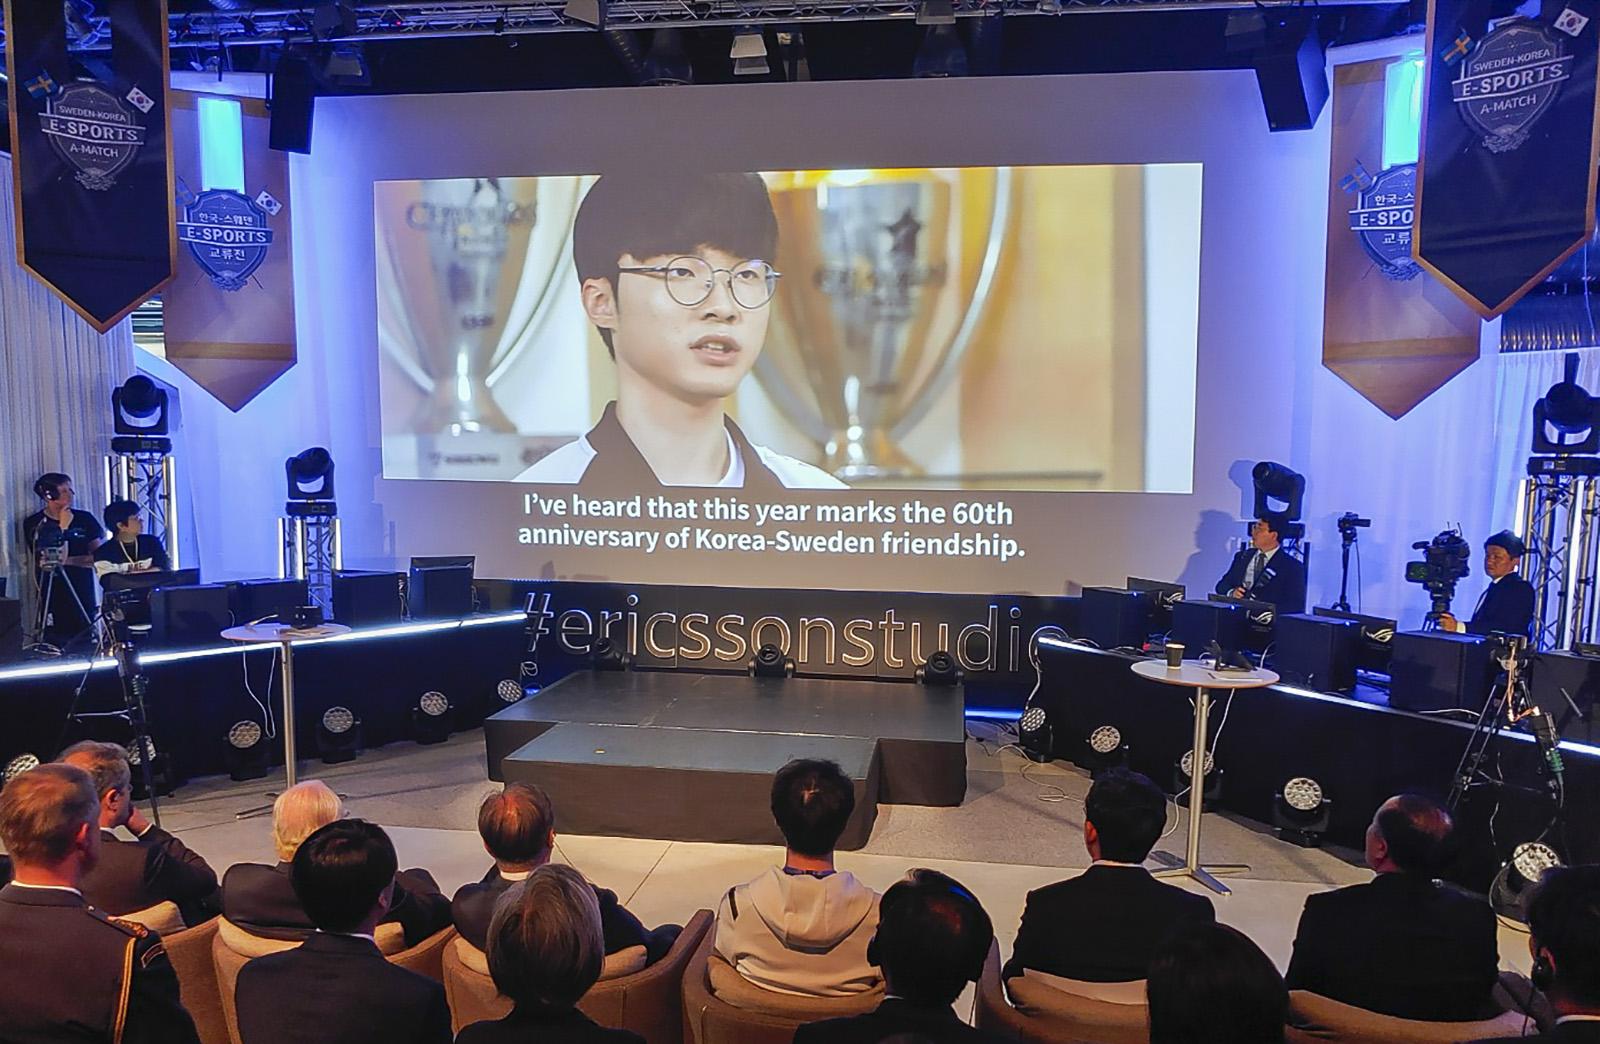 SK텔레콤이 지난 14일 문재인 대통령 스웨덴 국빈 방문 중 시스타 소재 에릭슨 연구소에서 열린 5G 시연 행사에서 특별 제작 영상을 통해 한국과 스웨덴의 123년 통신 협력 역사를 소개하고 있다. SKT 제공